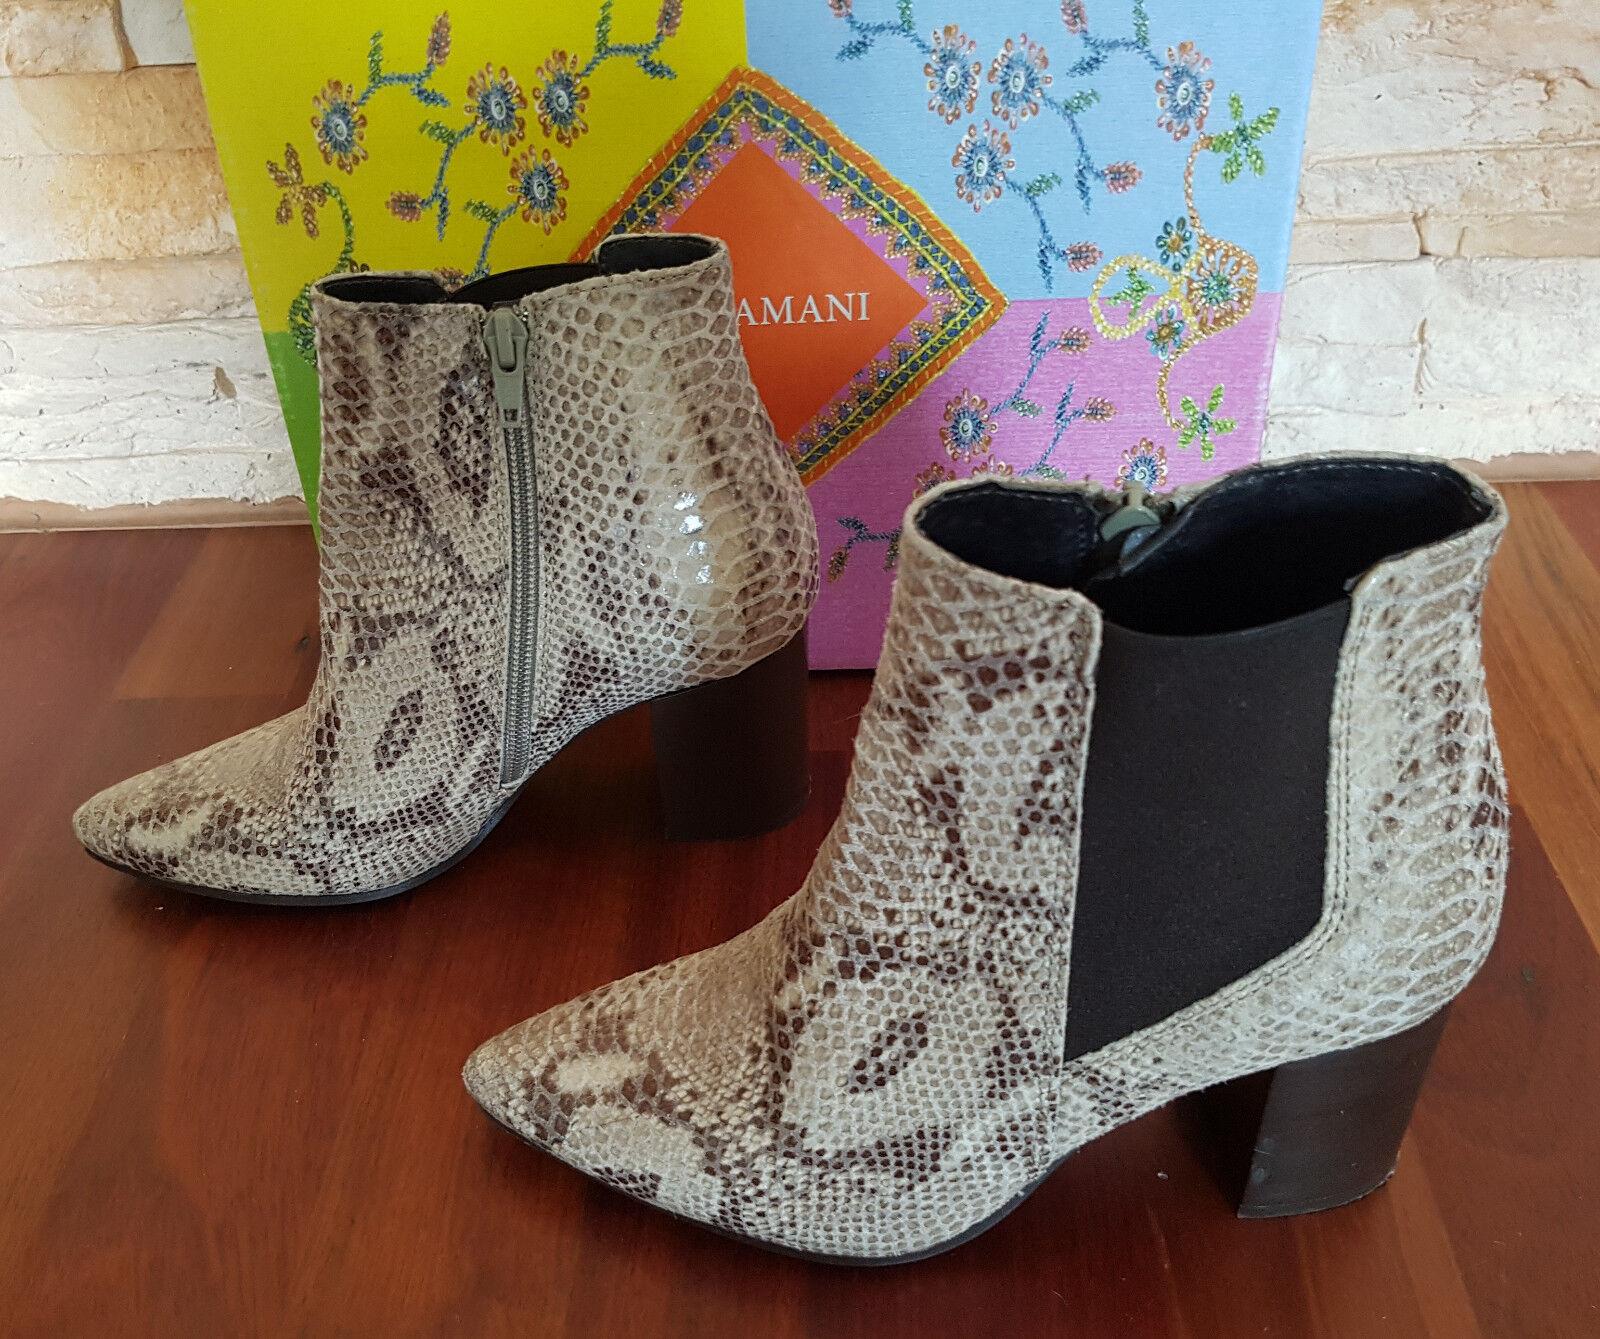 Lazamani 57.234 Schuhe Damenschuhe Stiefel Stiefeletten Leder Grösse 36